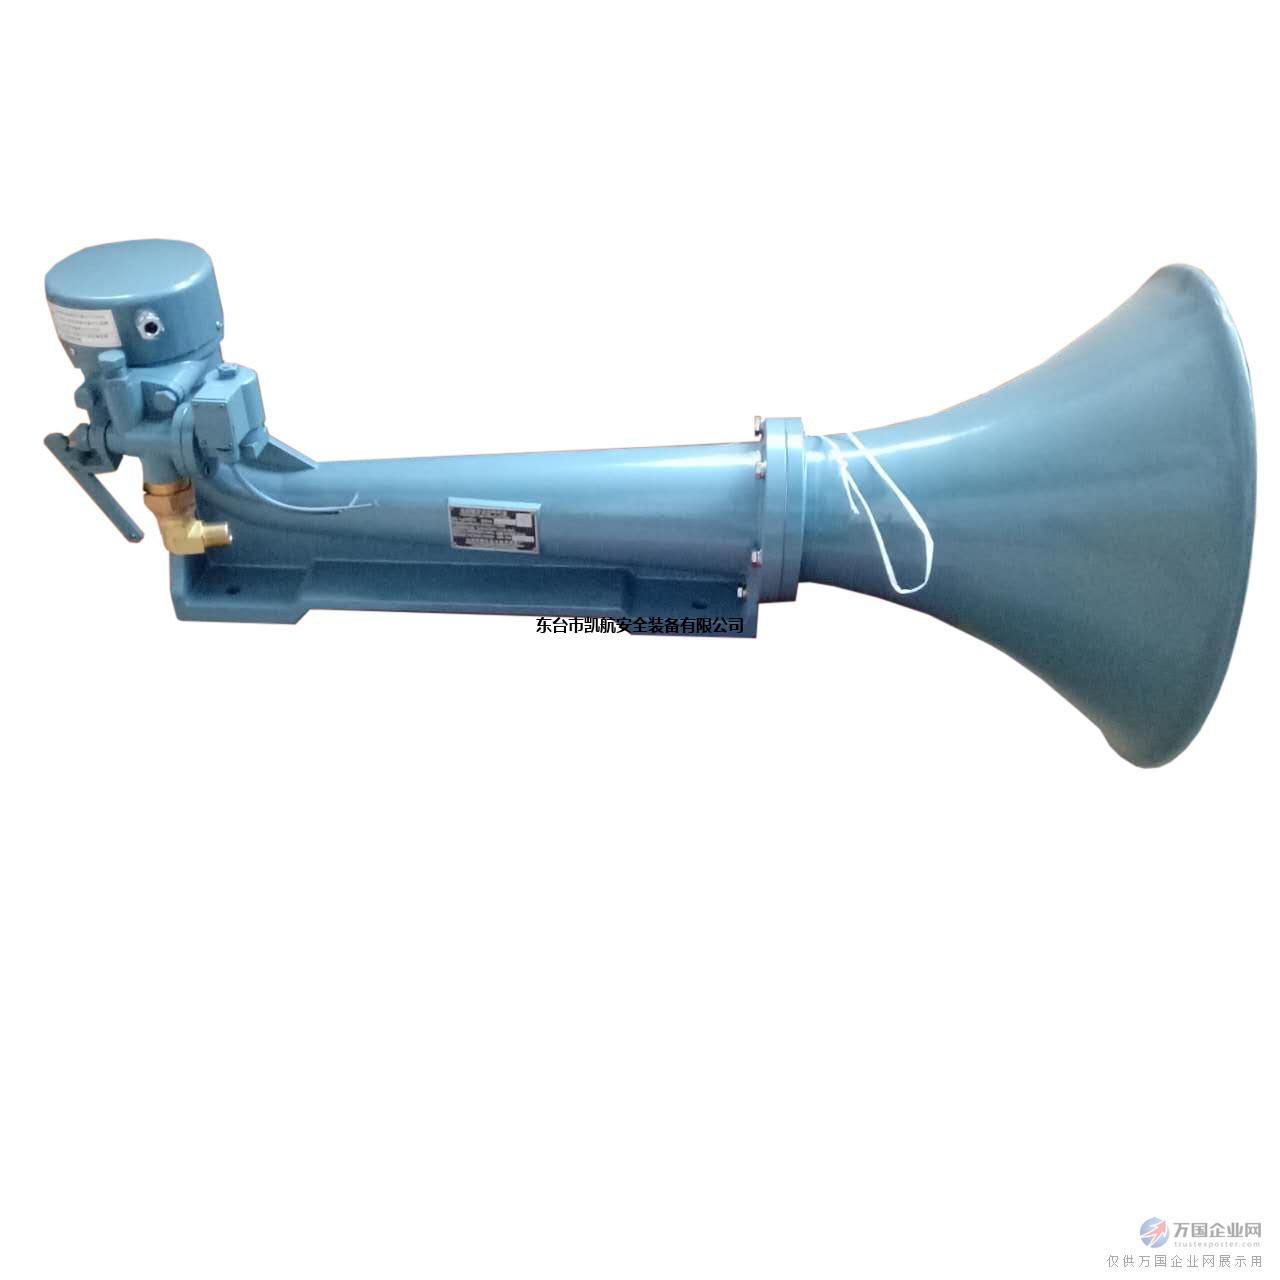 WD-2船用航雾汽笛,CCS膜片式电控雾笛